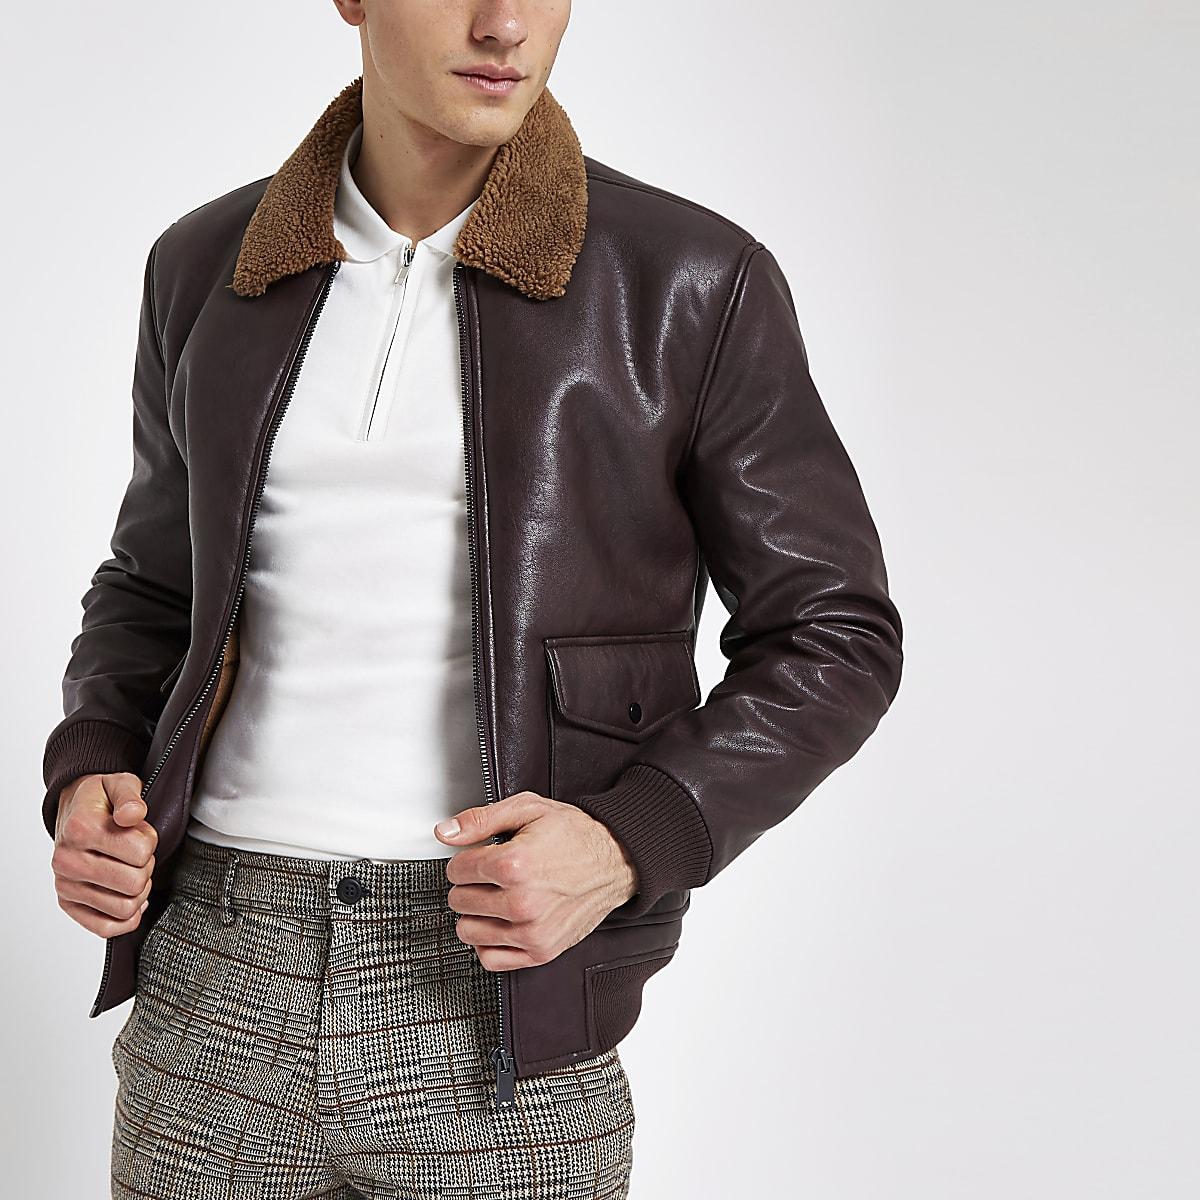 Veste en cuir synthétique bordeaux avec col imitation peau de mouton